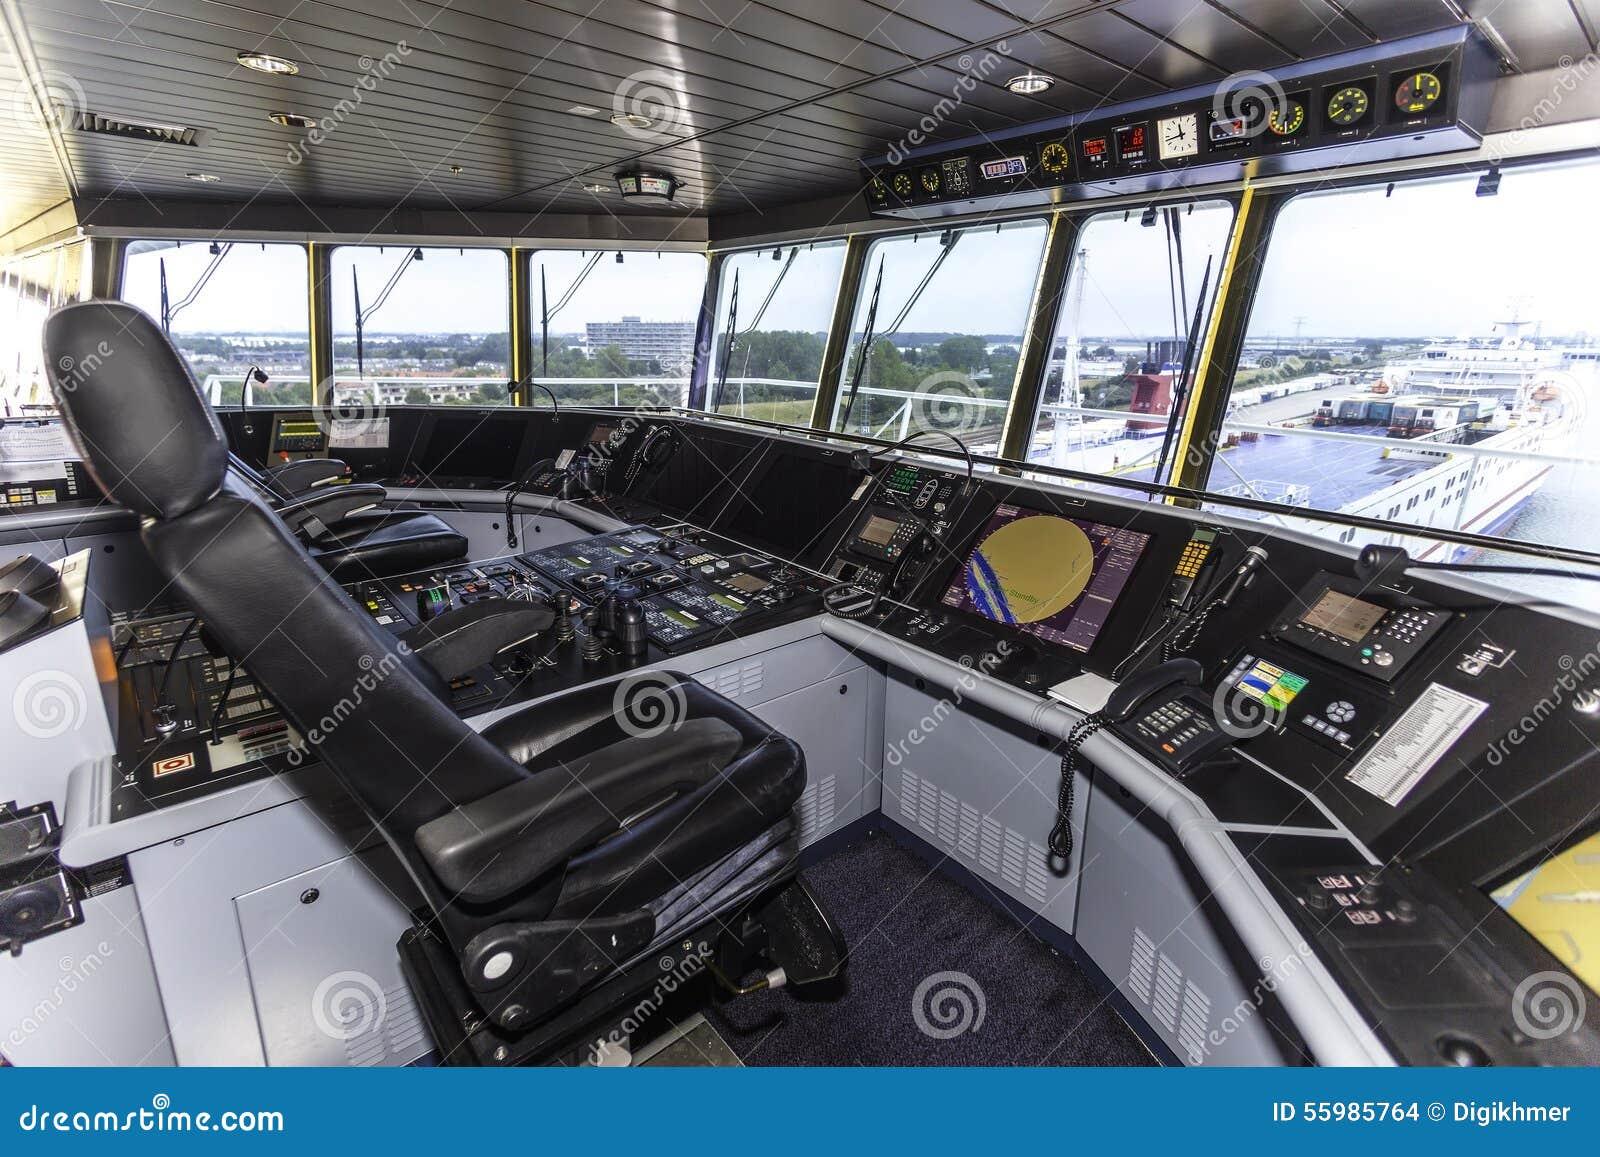 Cockpit eines enormen Containerschiffs